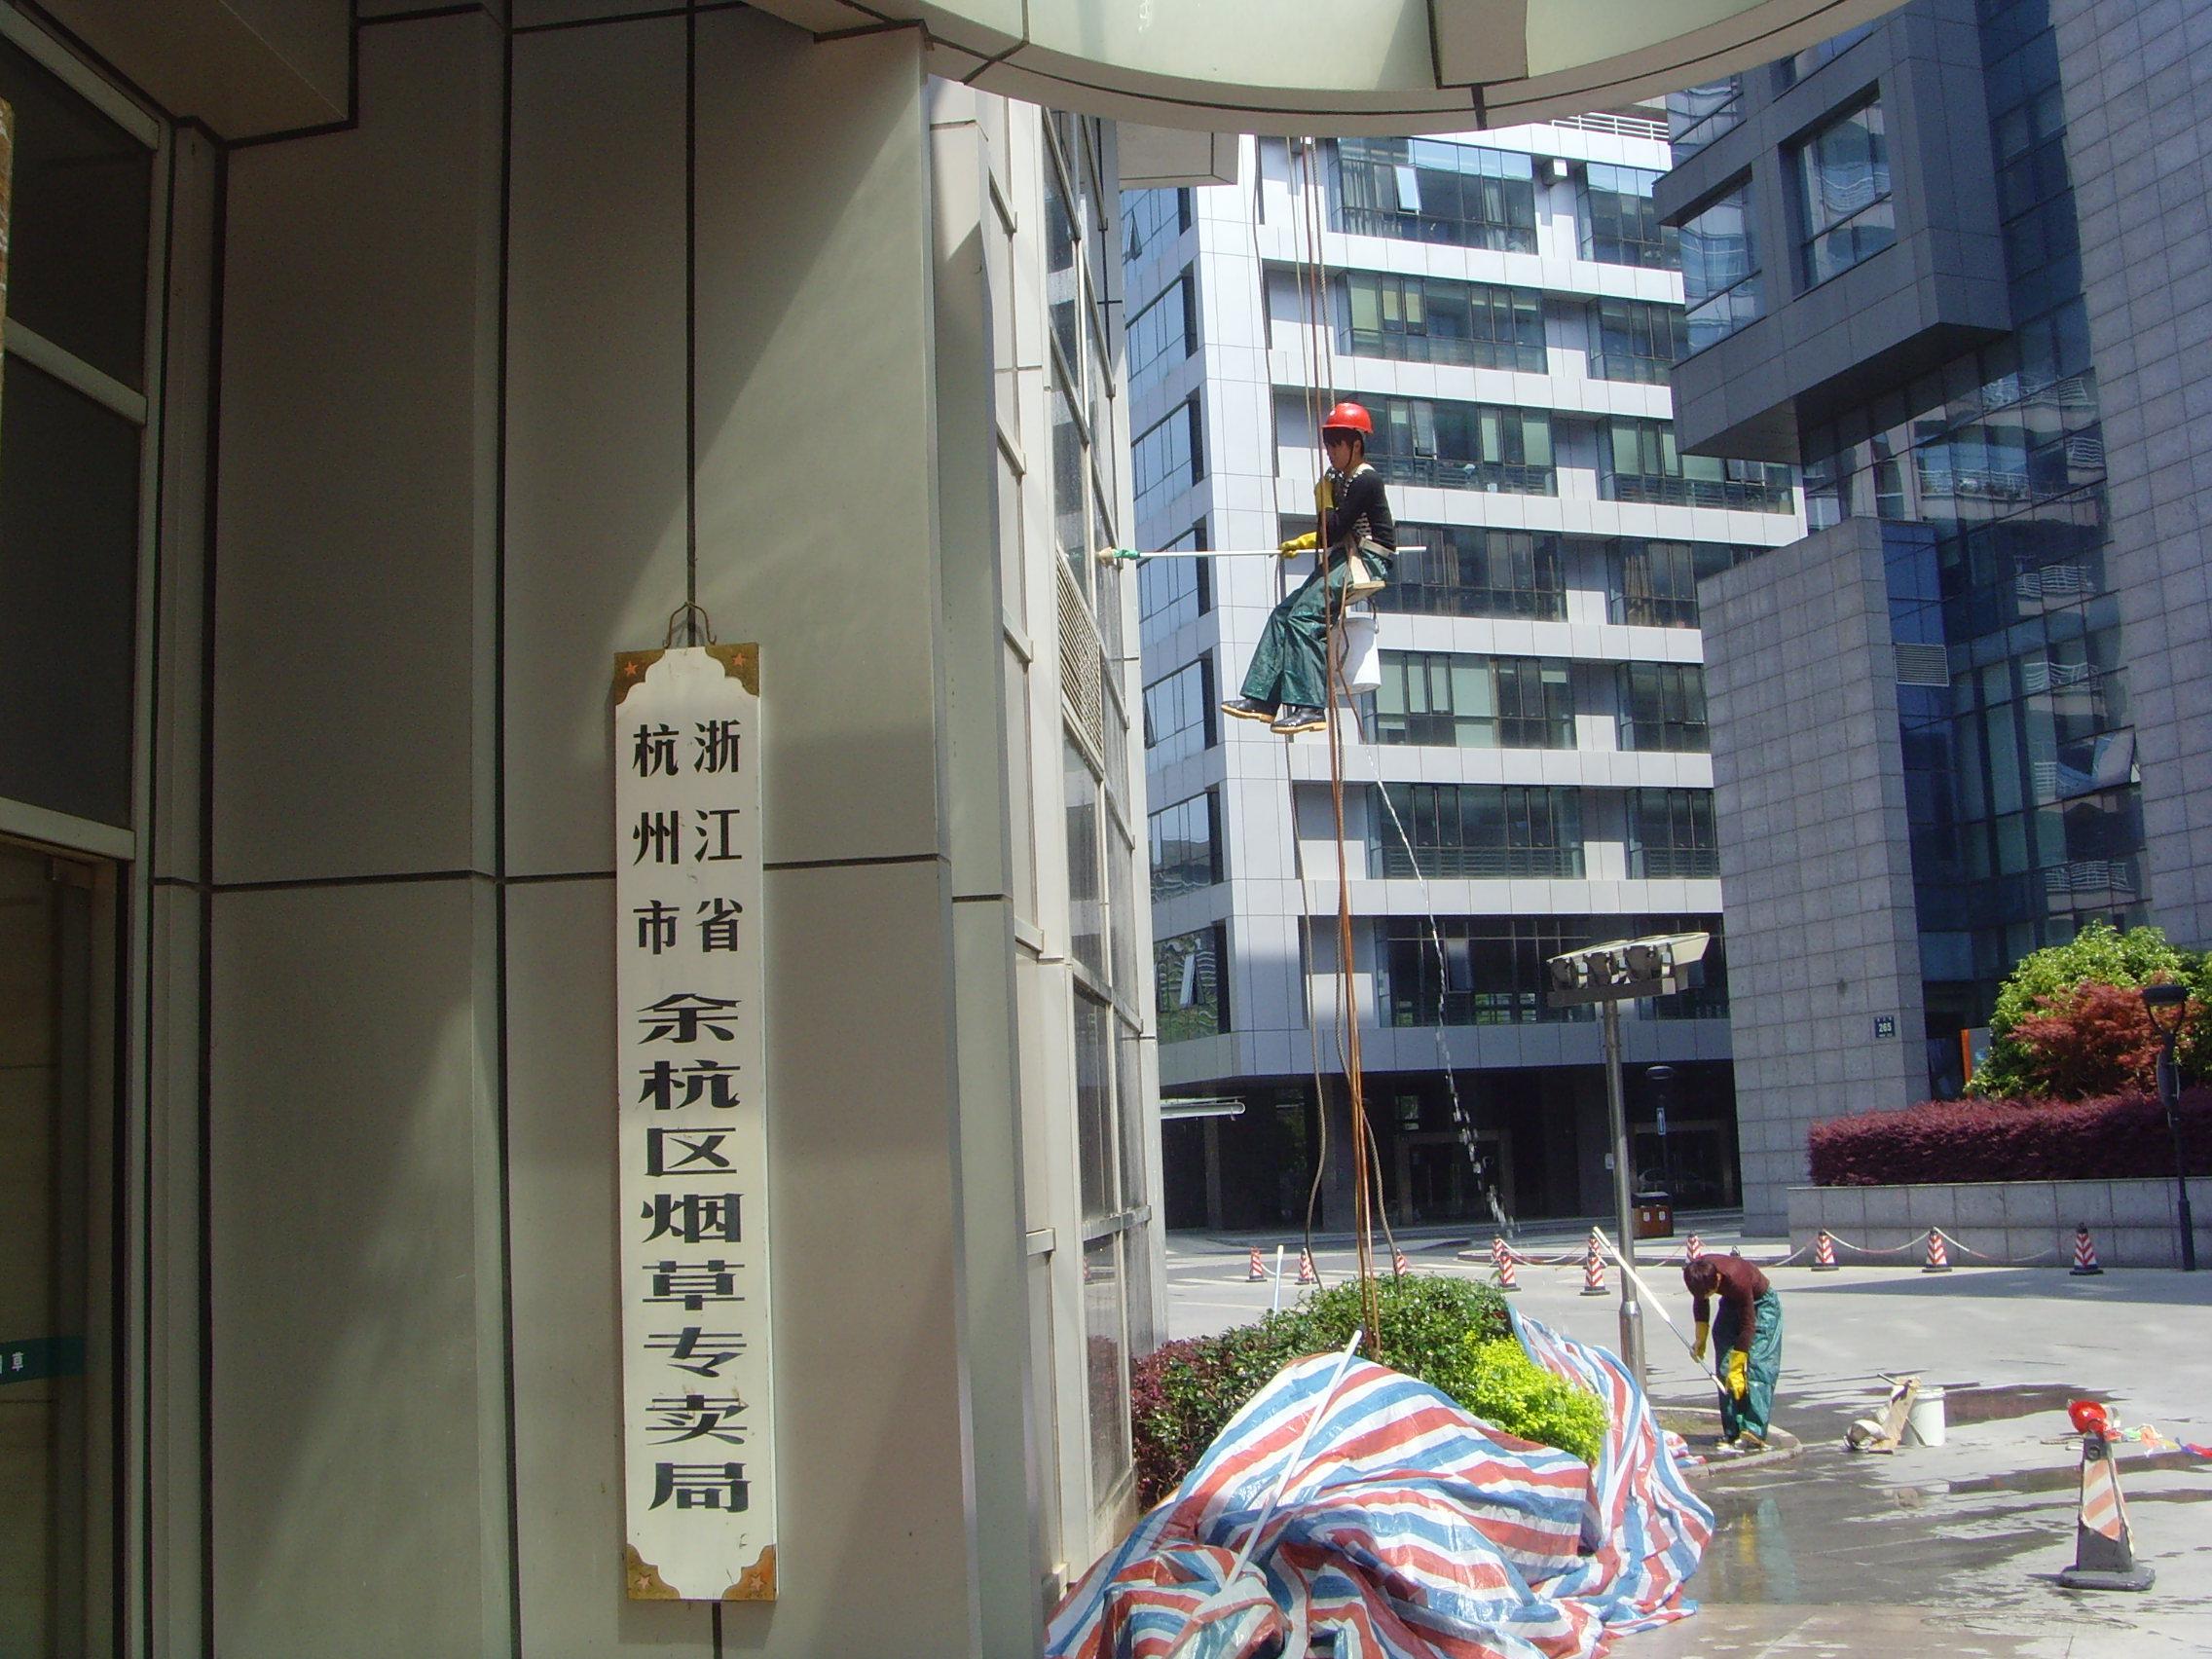 临平烟草专卖局外墙清洗